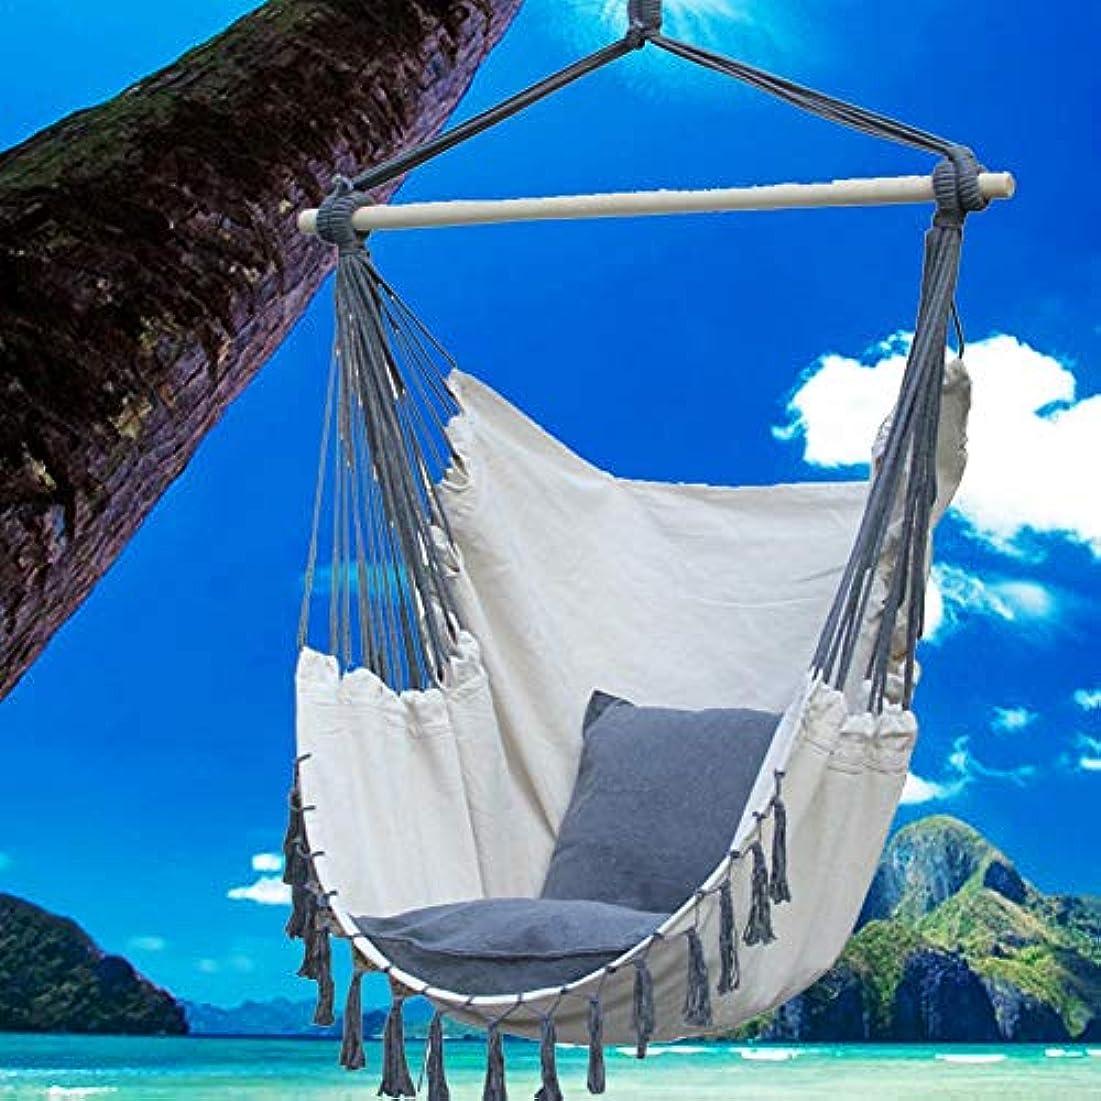 コンドームレバー合理的ハンモックチェア ロープチェア 椅子型ハンモック 吊り下げ式 屋外スイング ハンギングチェア 室内 戸外 150X100X95cm